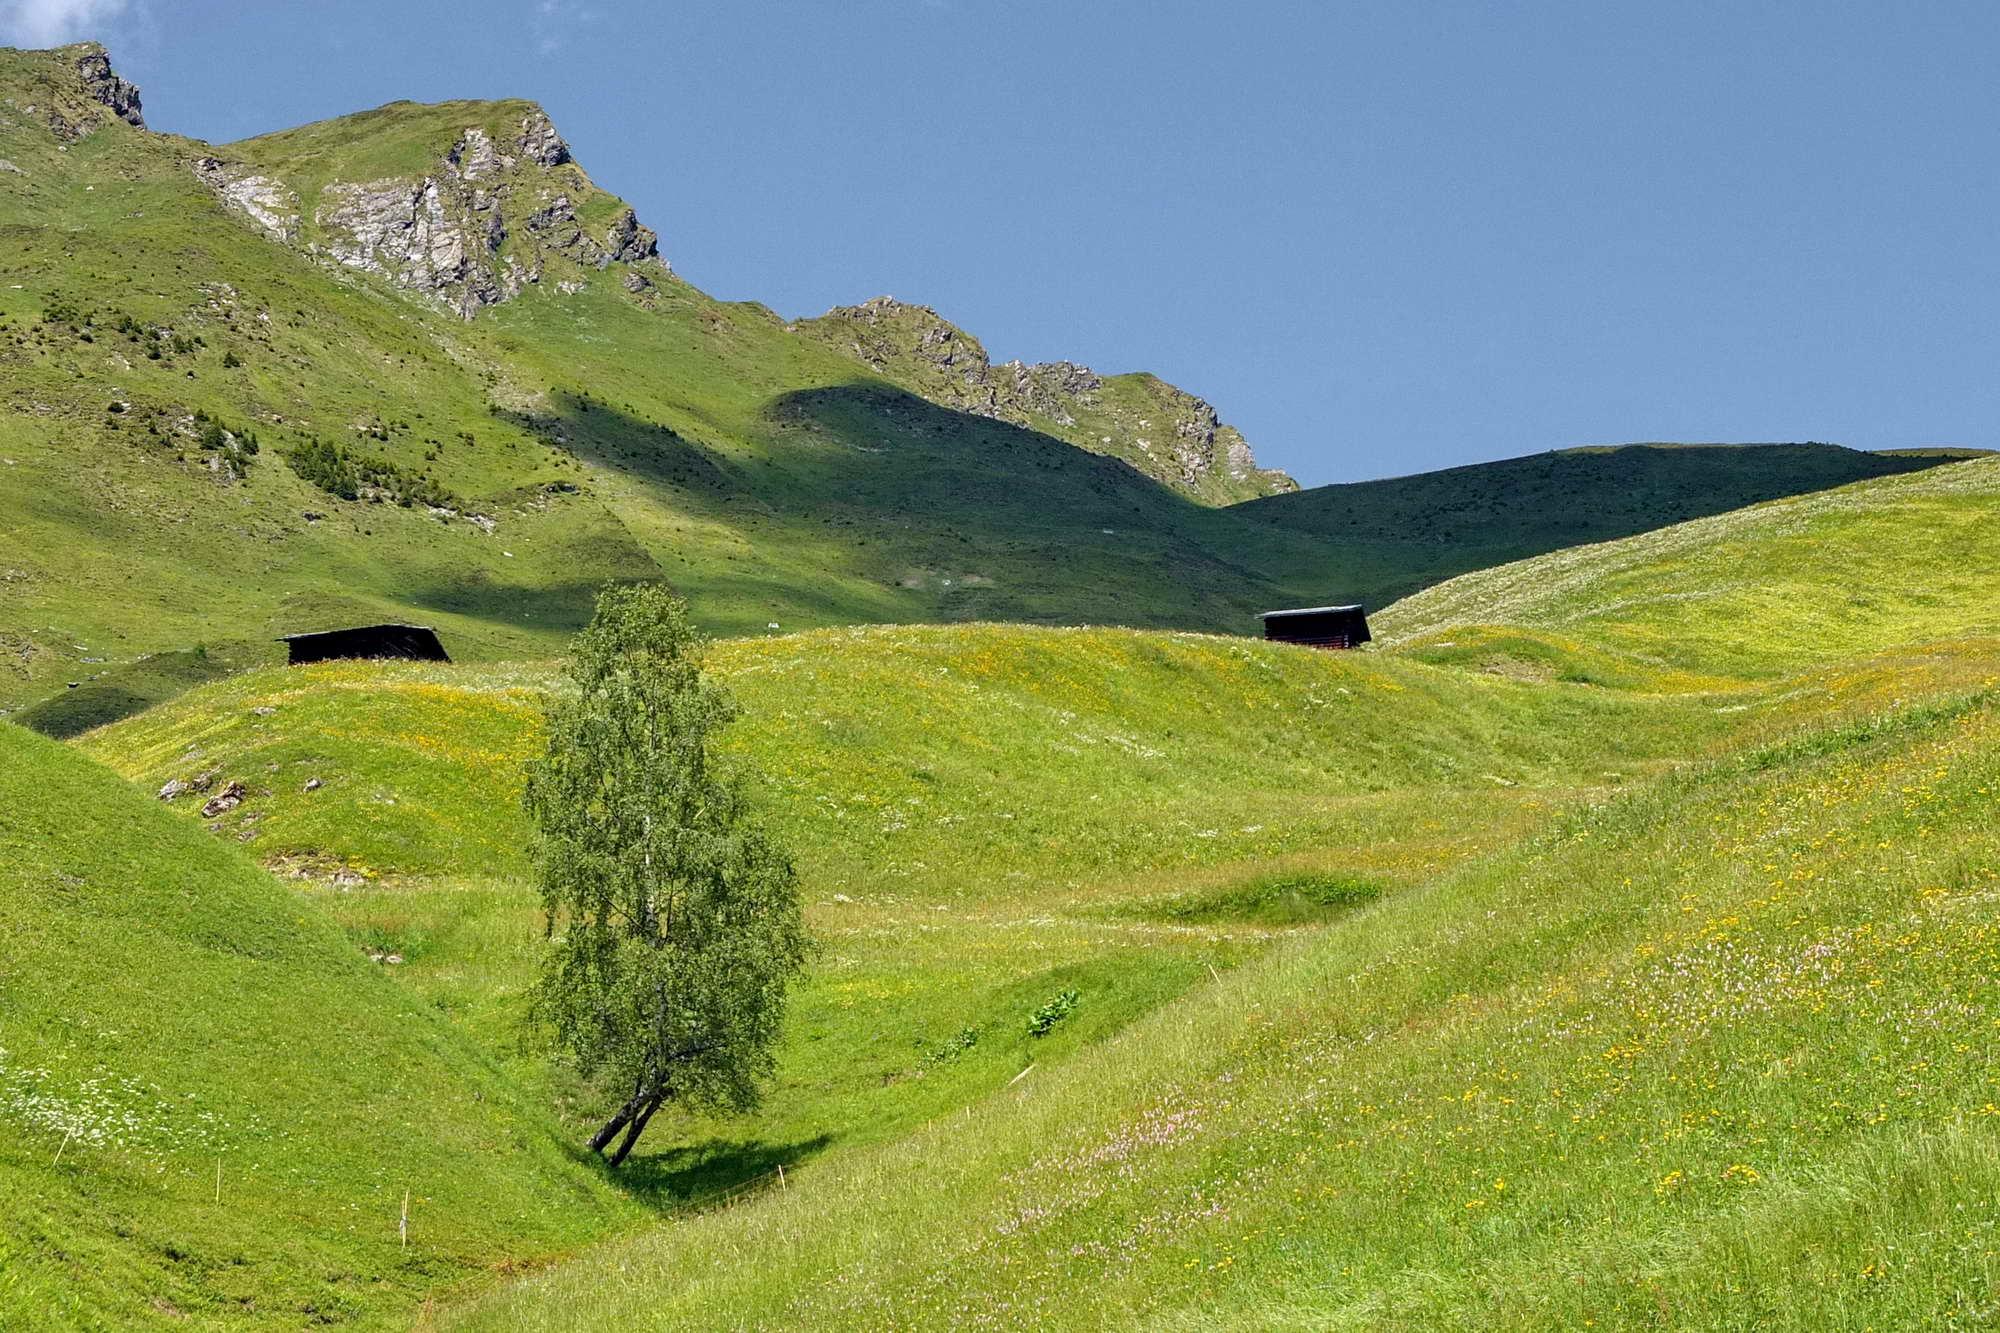 MT 6.6 Safien Platz > Valendas (Graubünden)